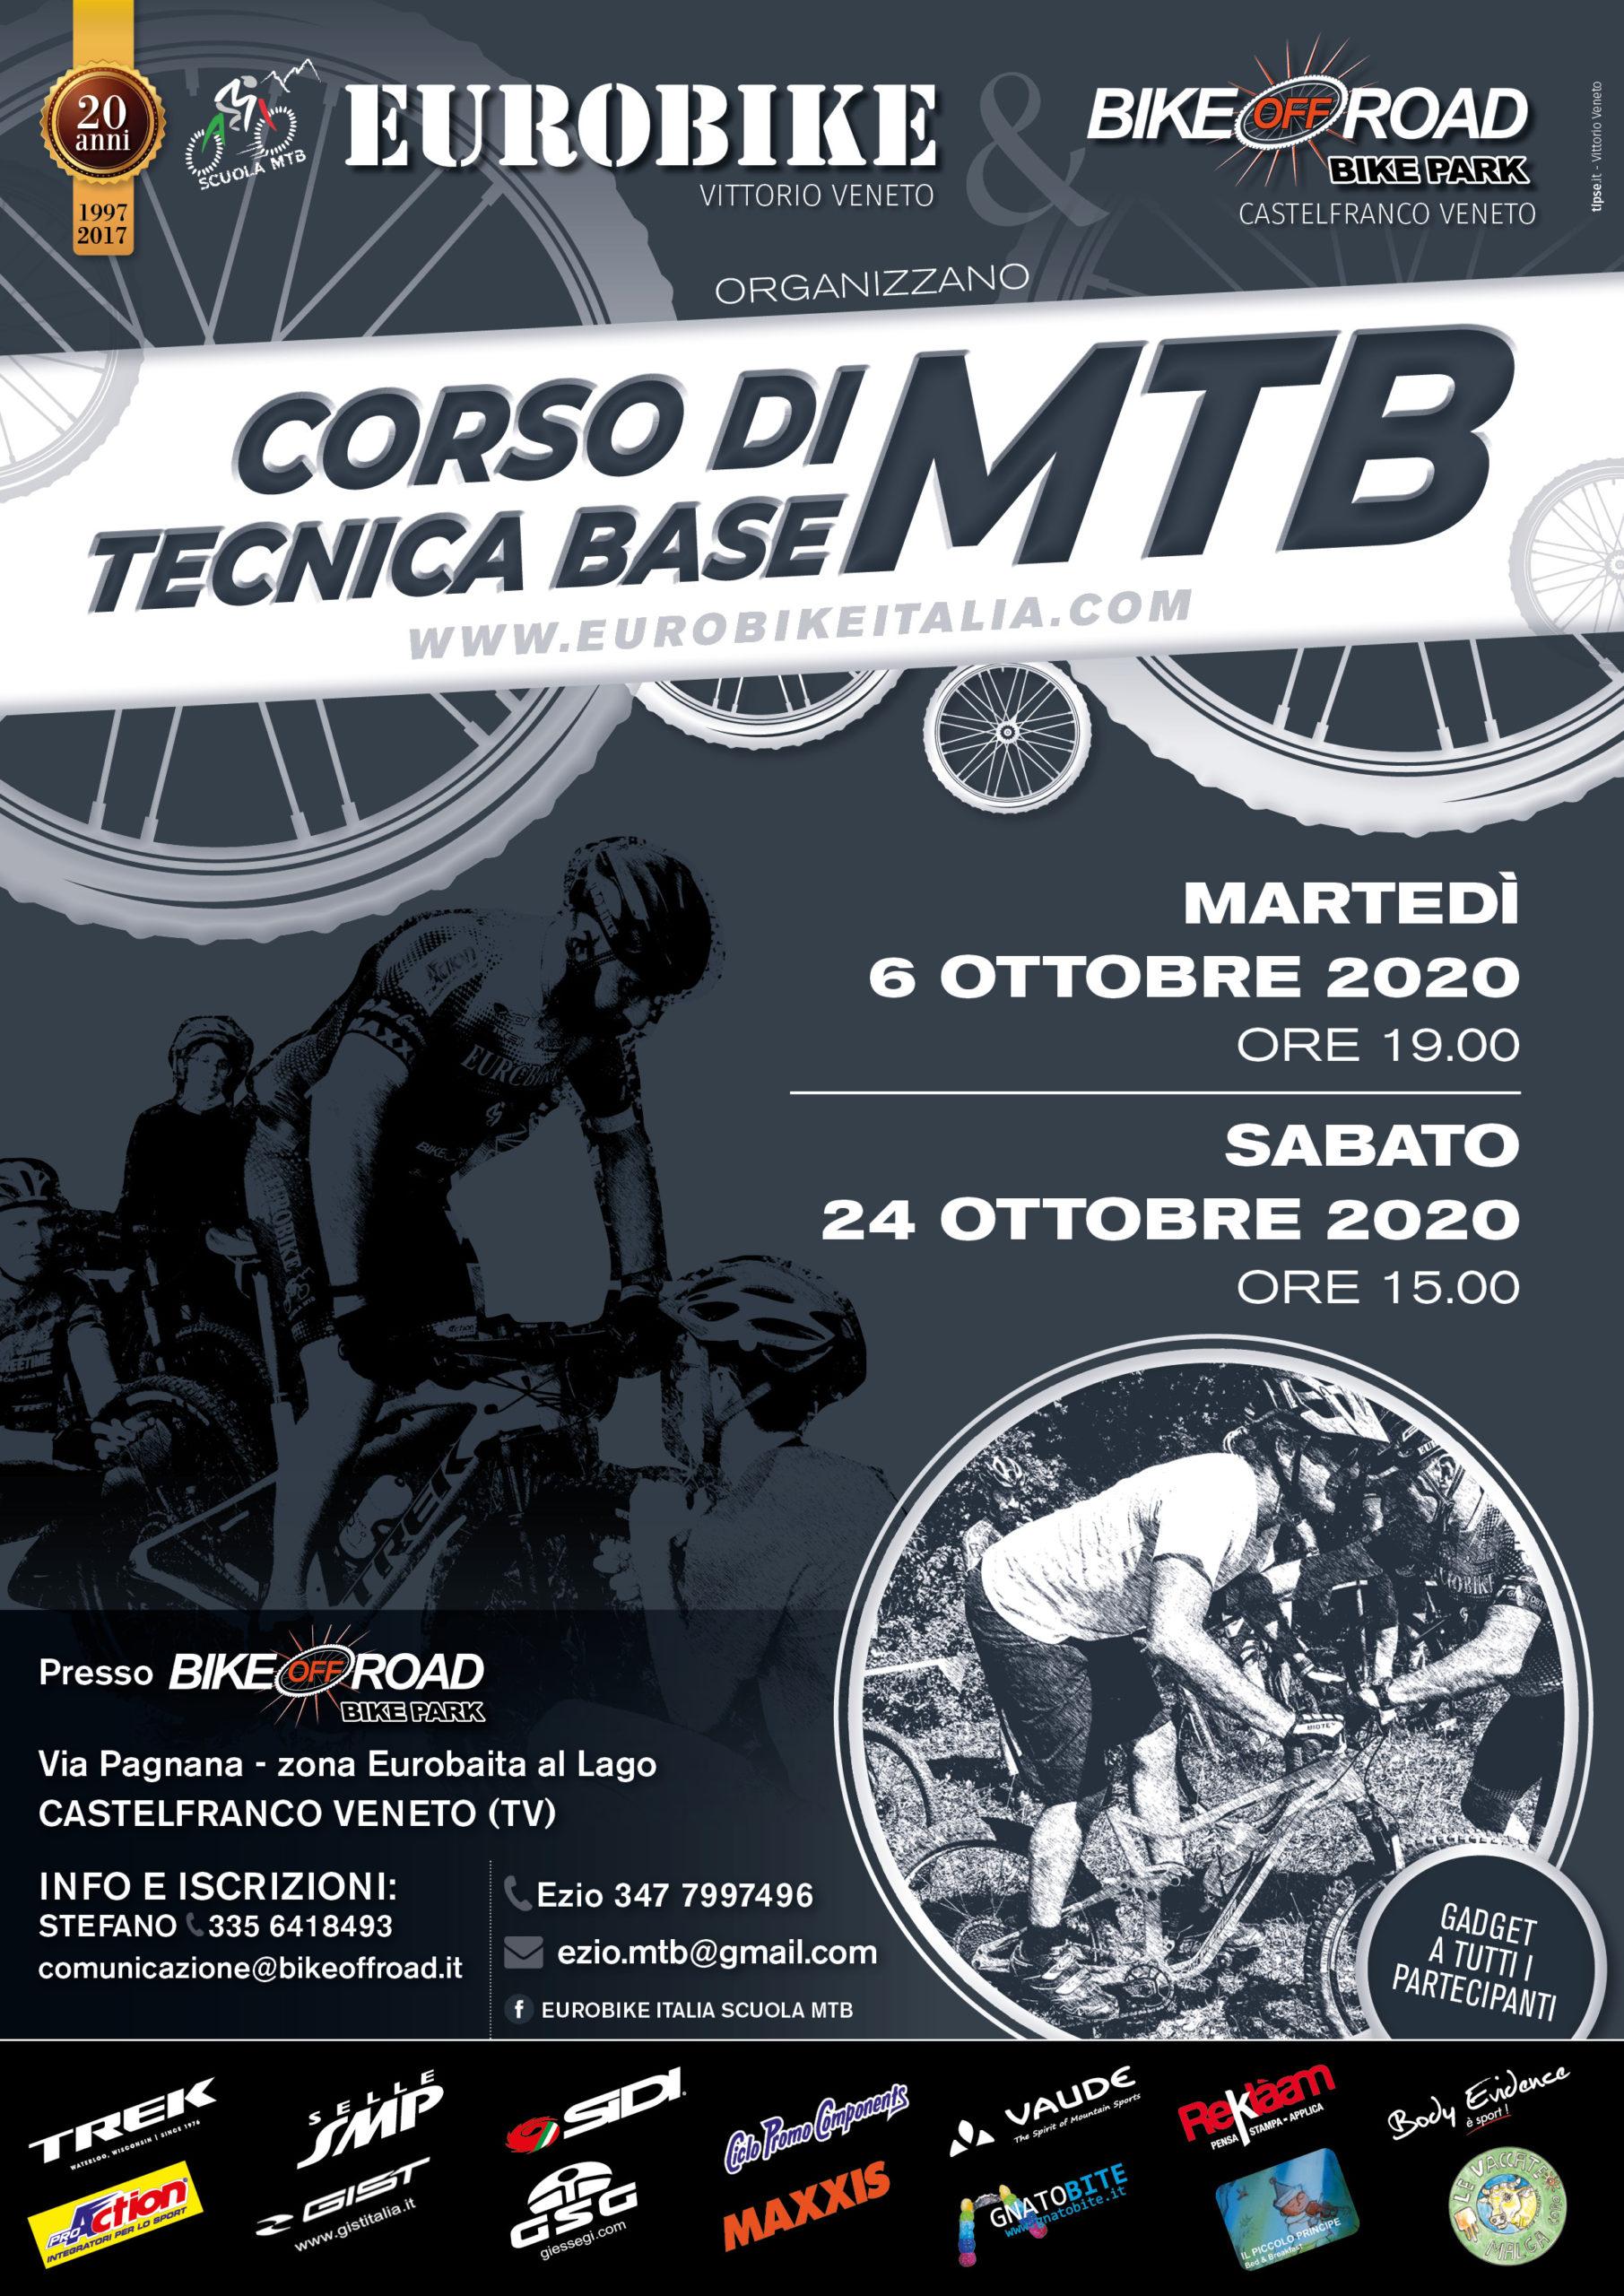 CORSI TECNICA BASE MTB - ottobre 2020